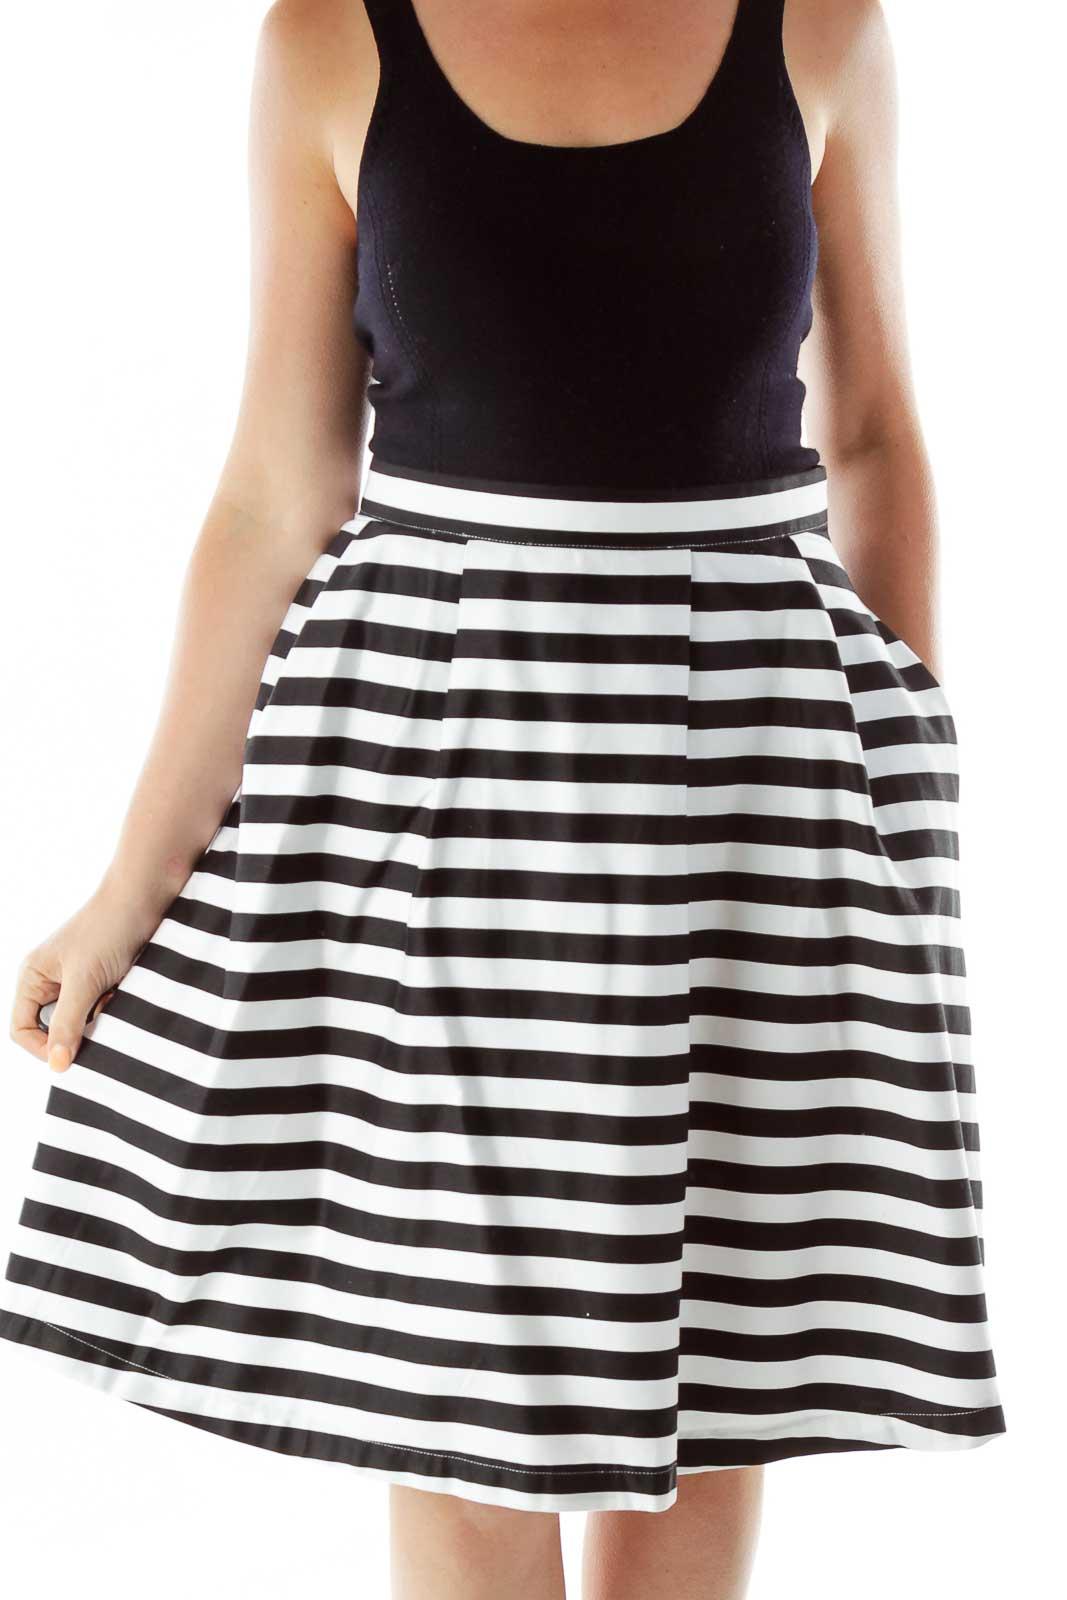 Black White Striped Flared Skirt Front